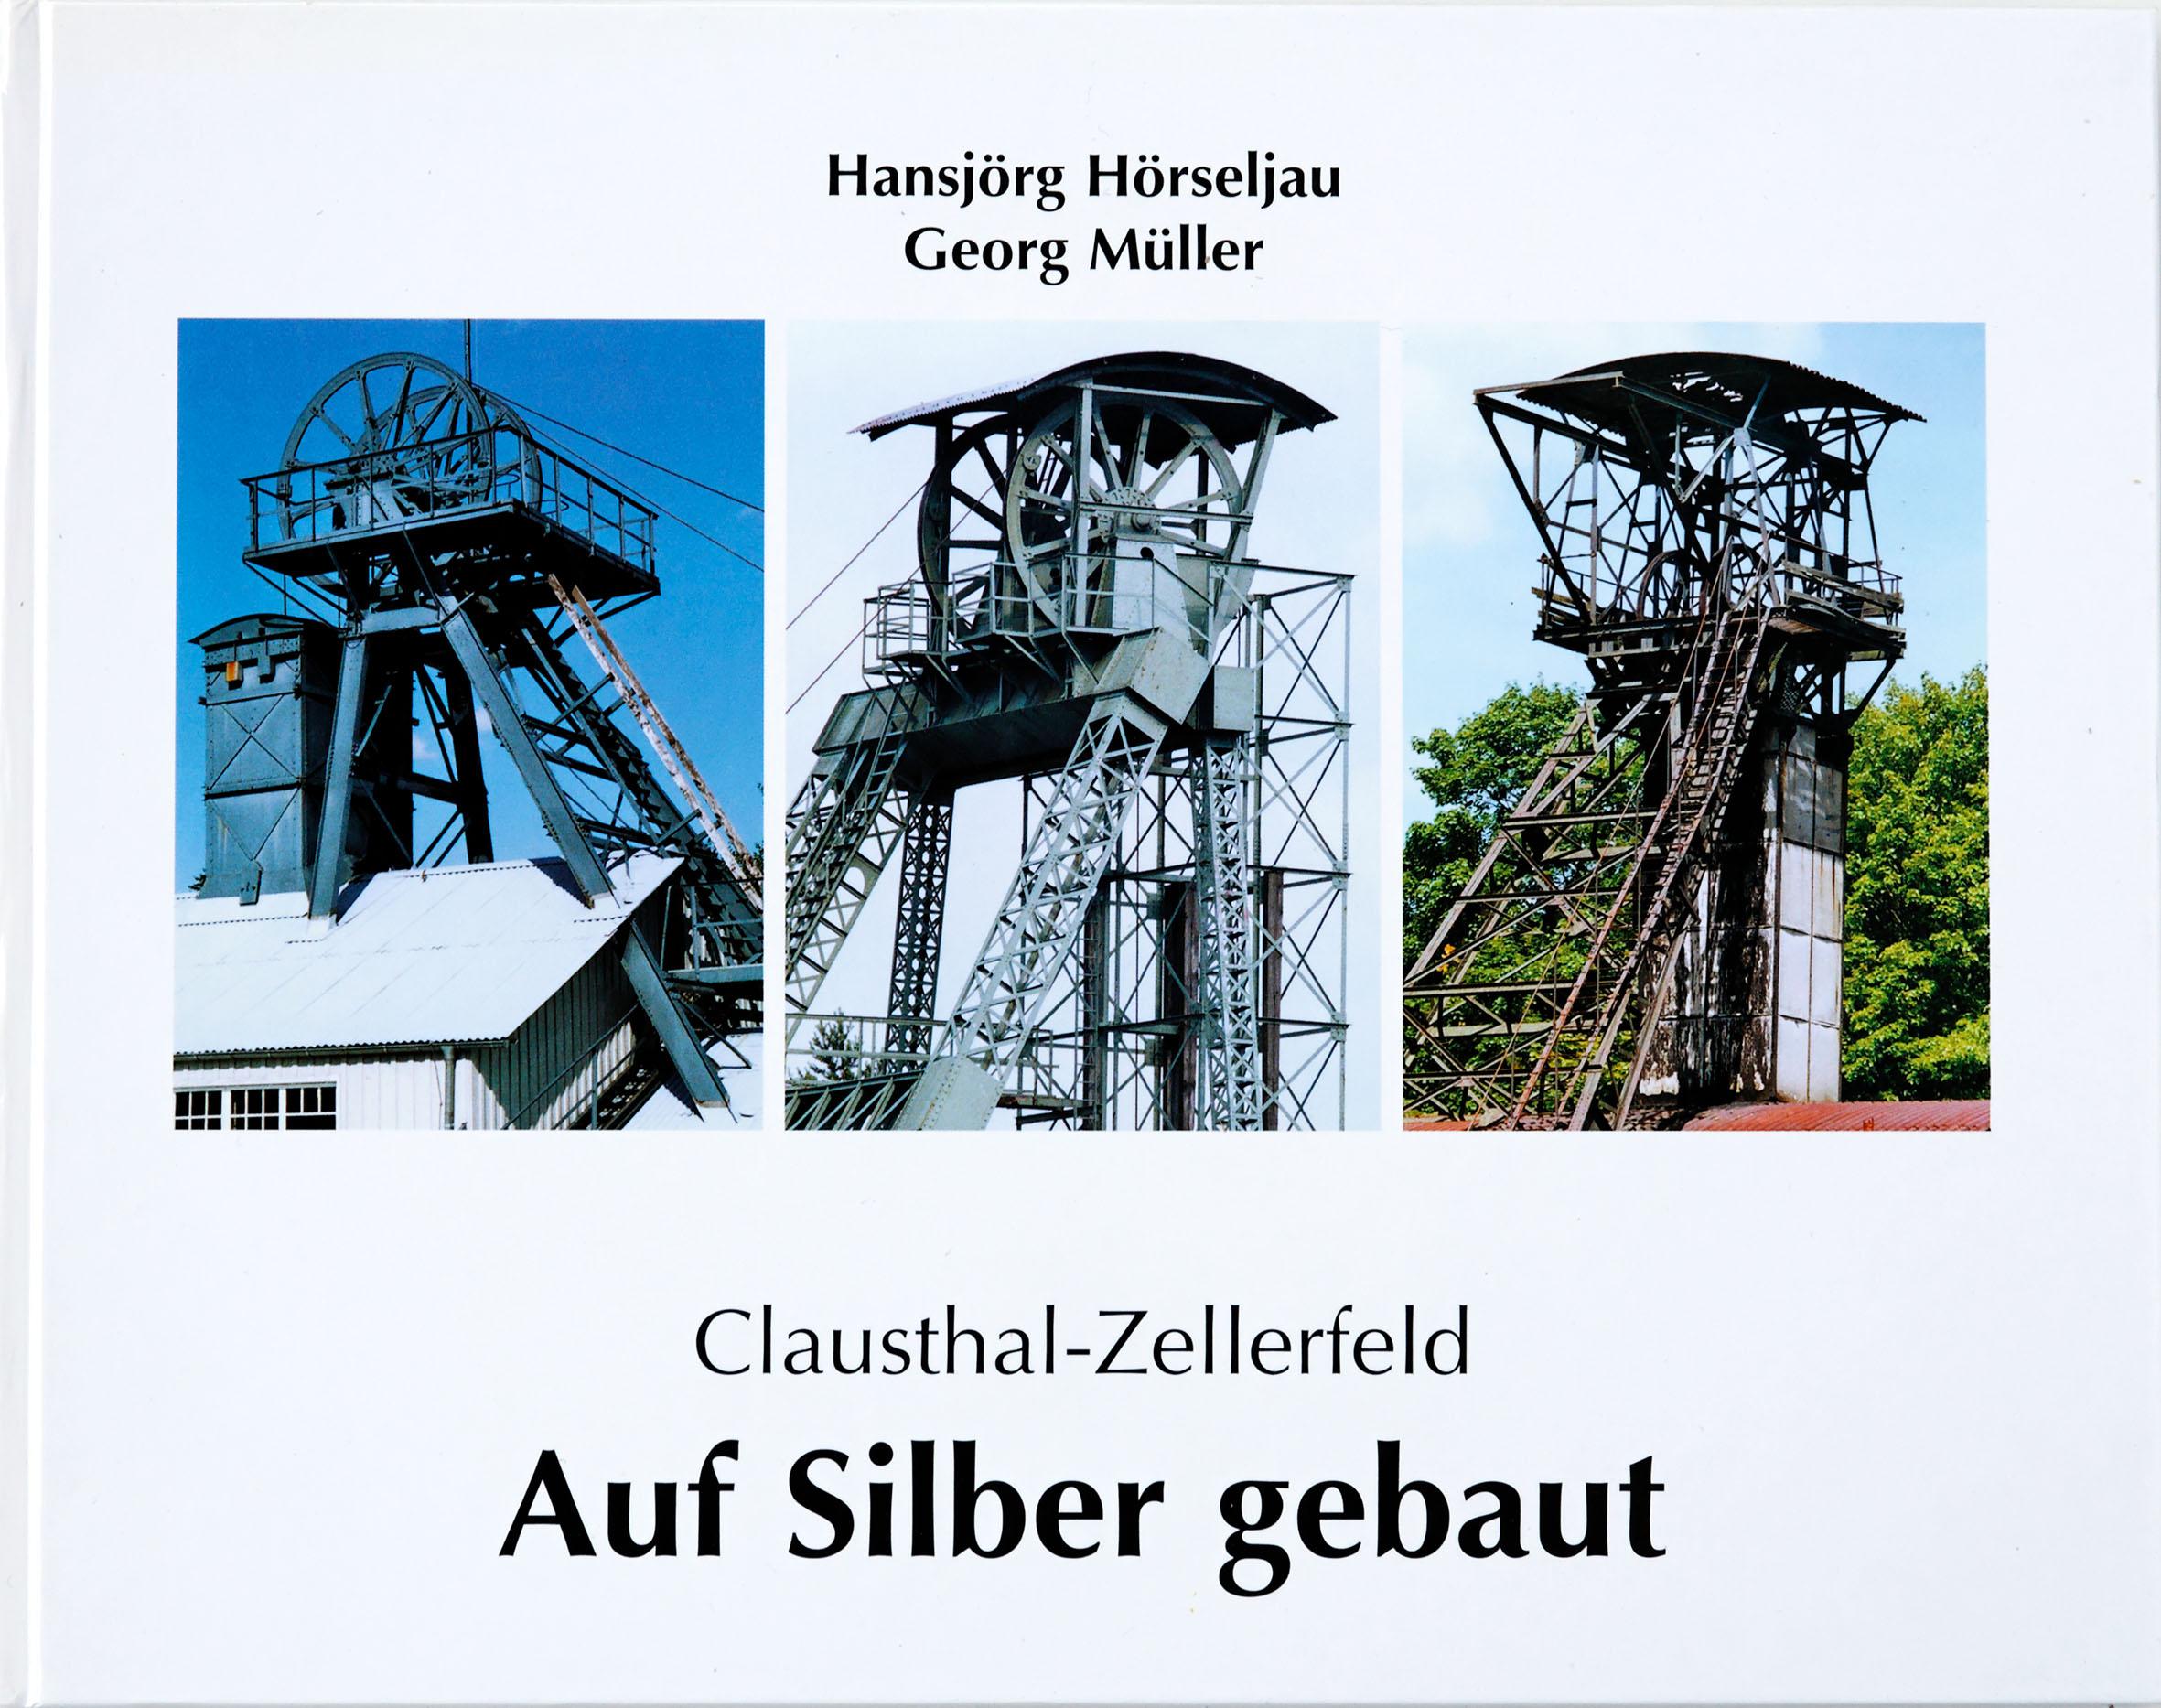 Clausthal-Zellerfeld – Auf Silber gebaut